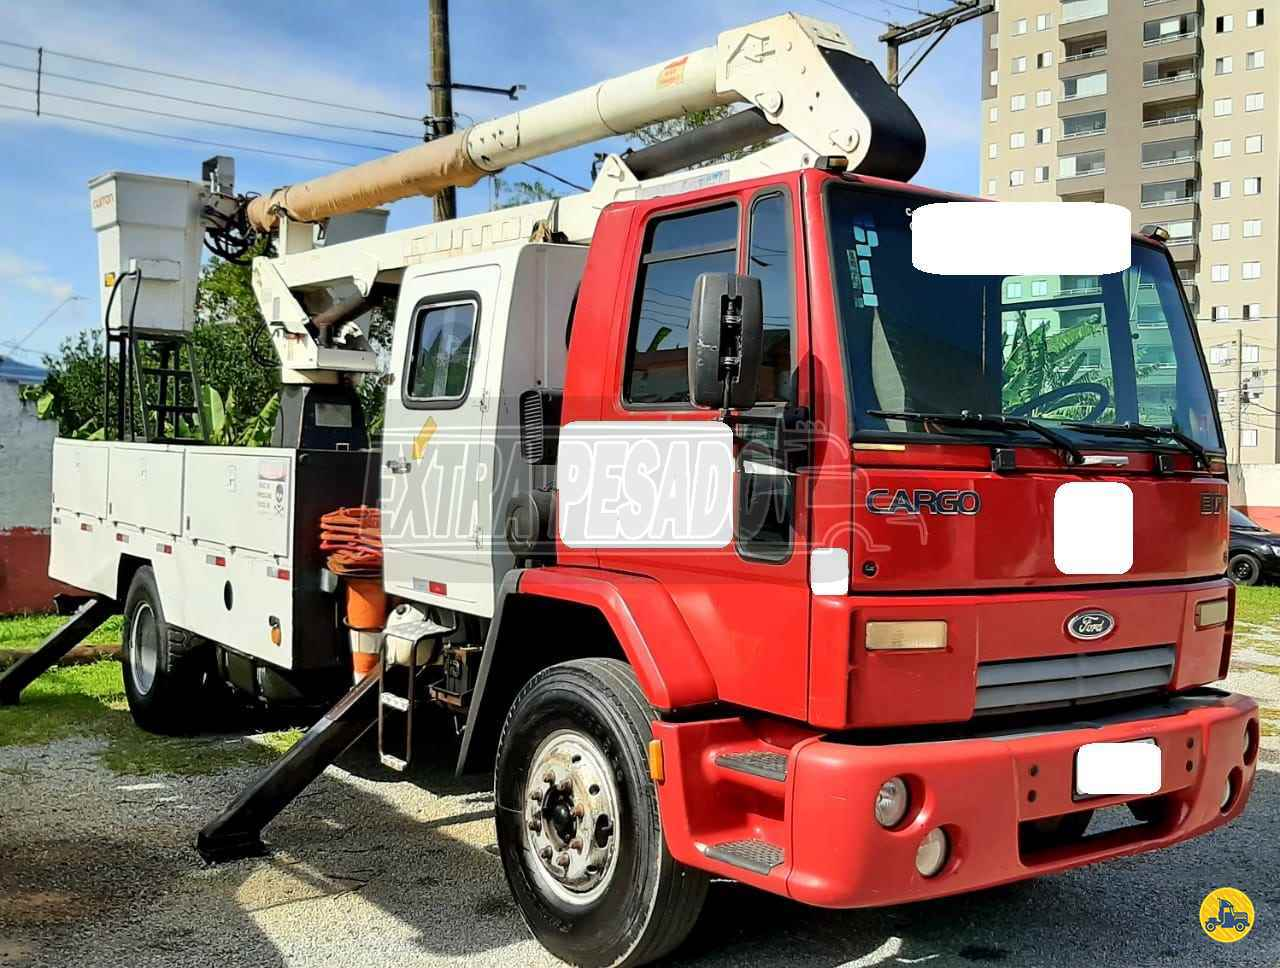 CAMINHAO FORD CARGO 1317 Cesto Aereo Isolado Toco 4x2 ExtraPesado Caminhões SANTO ANDRE SÃO PAULO SP